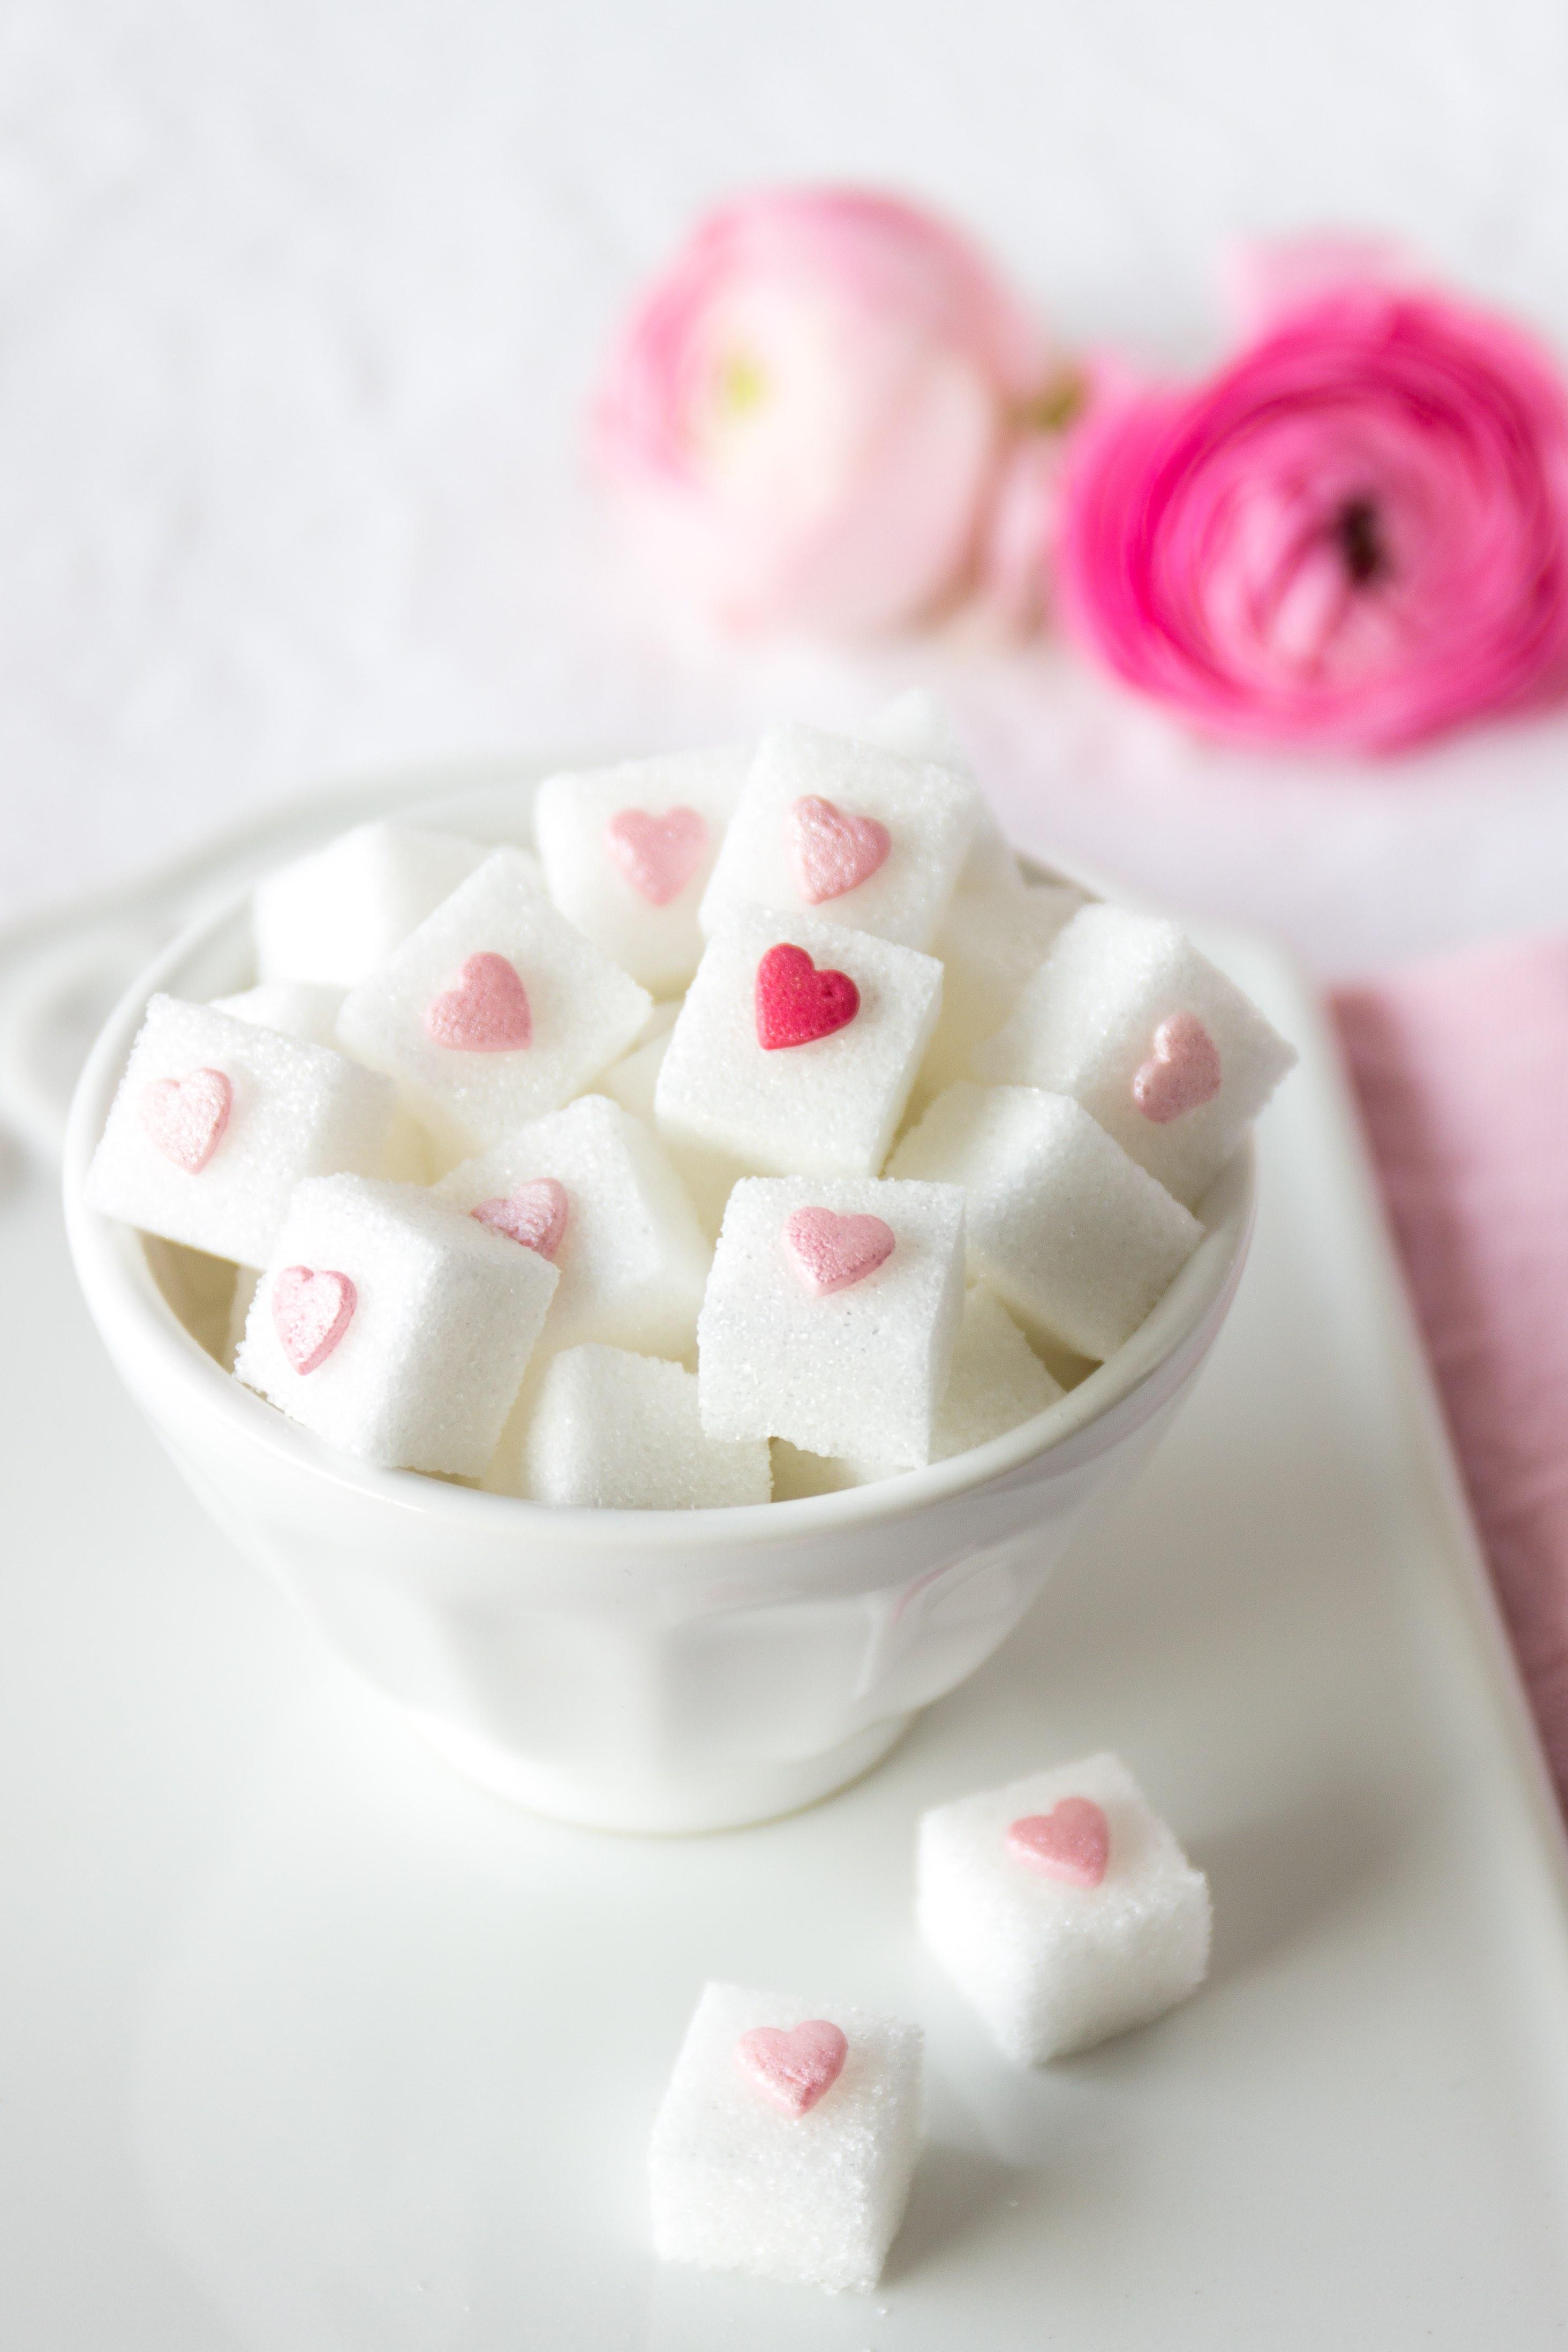 Zuckerwürfel mit Herz